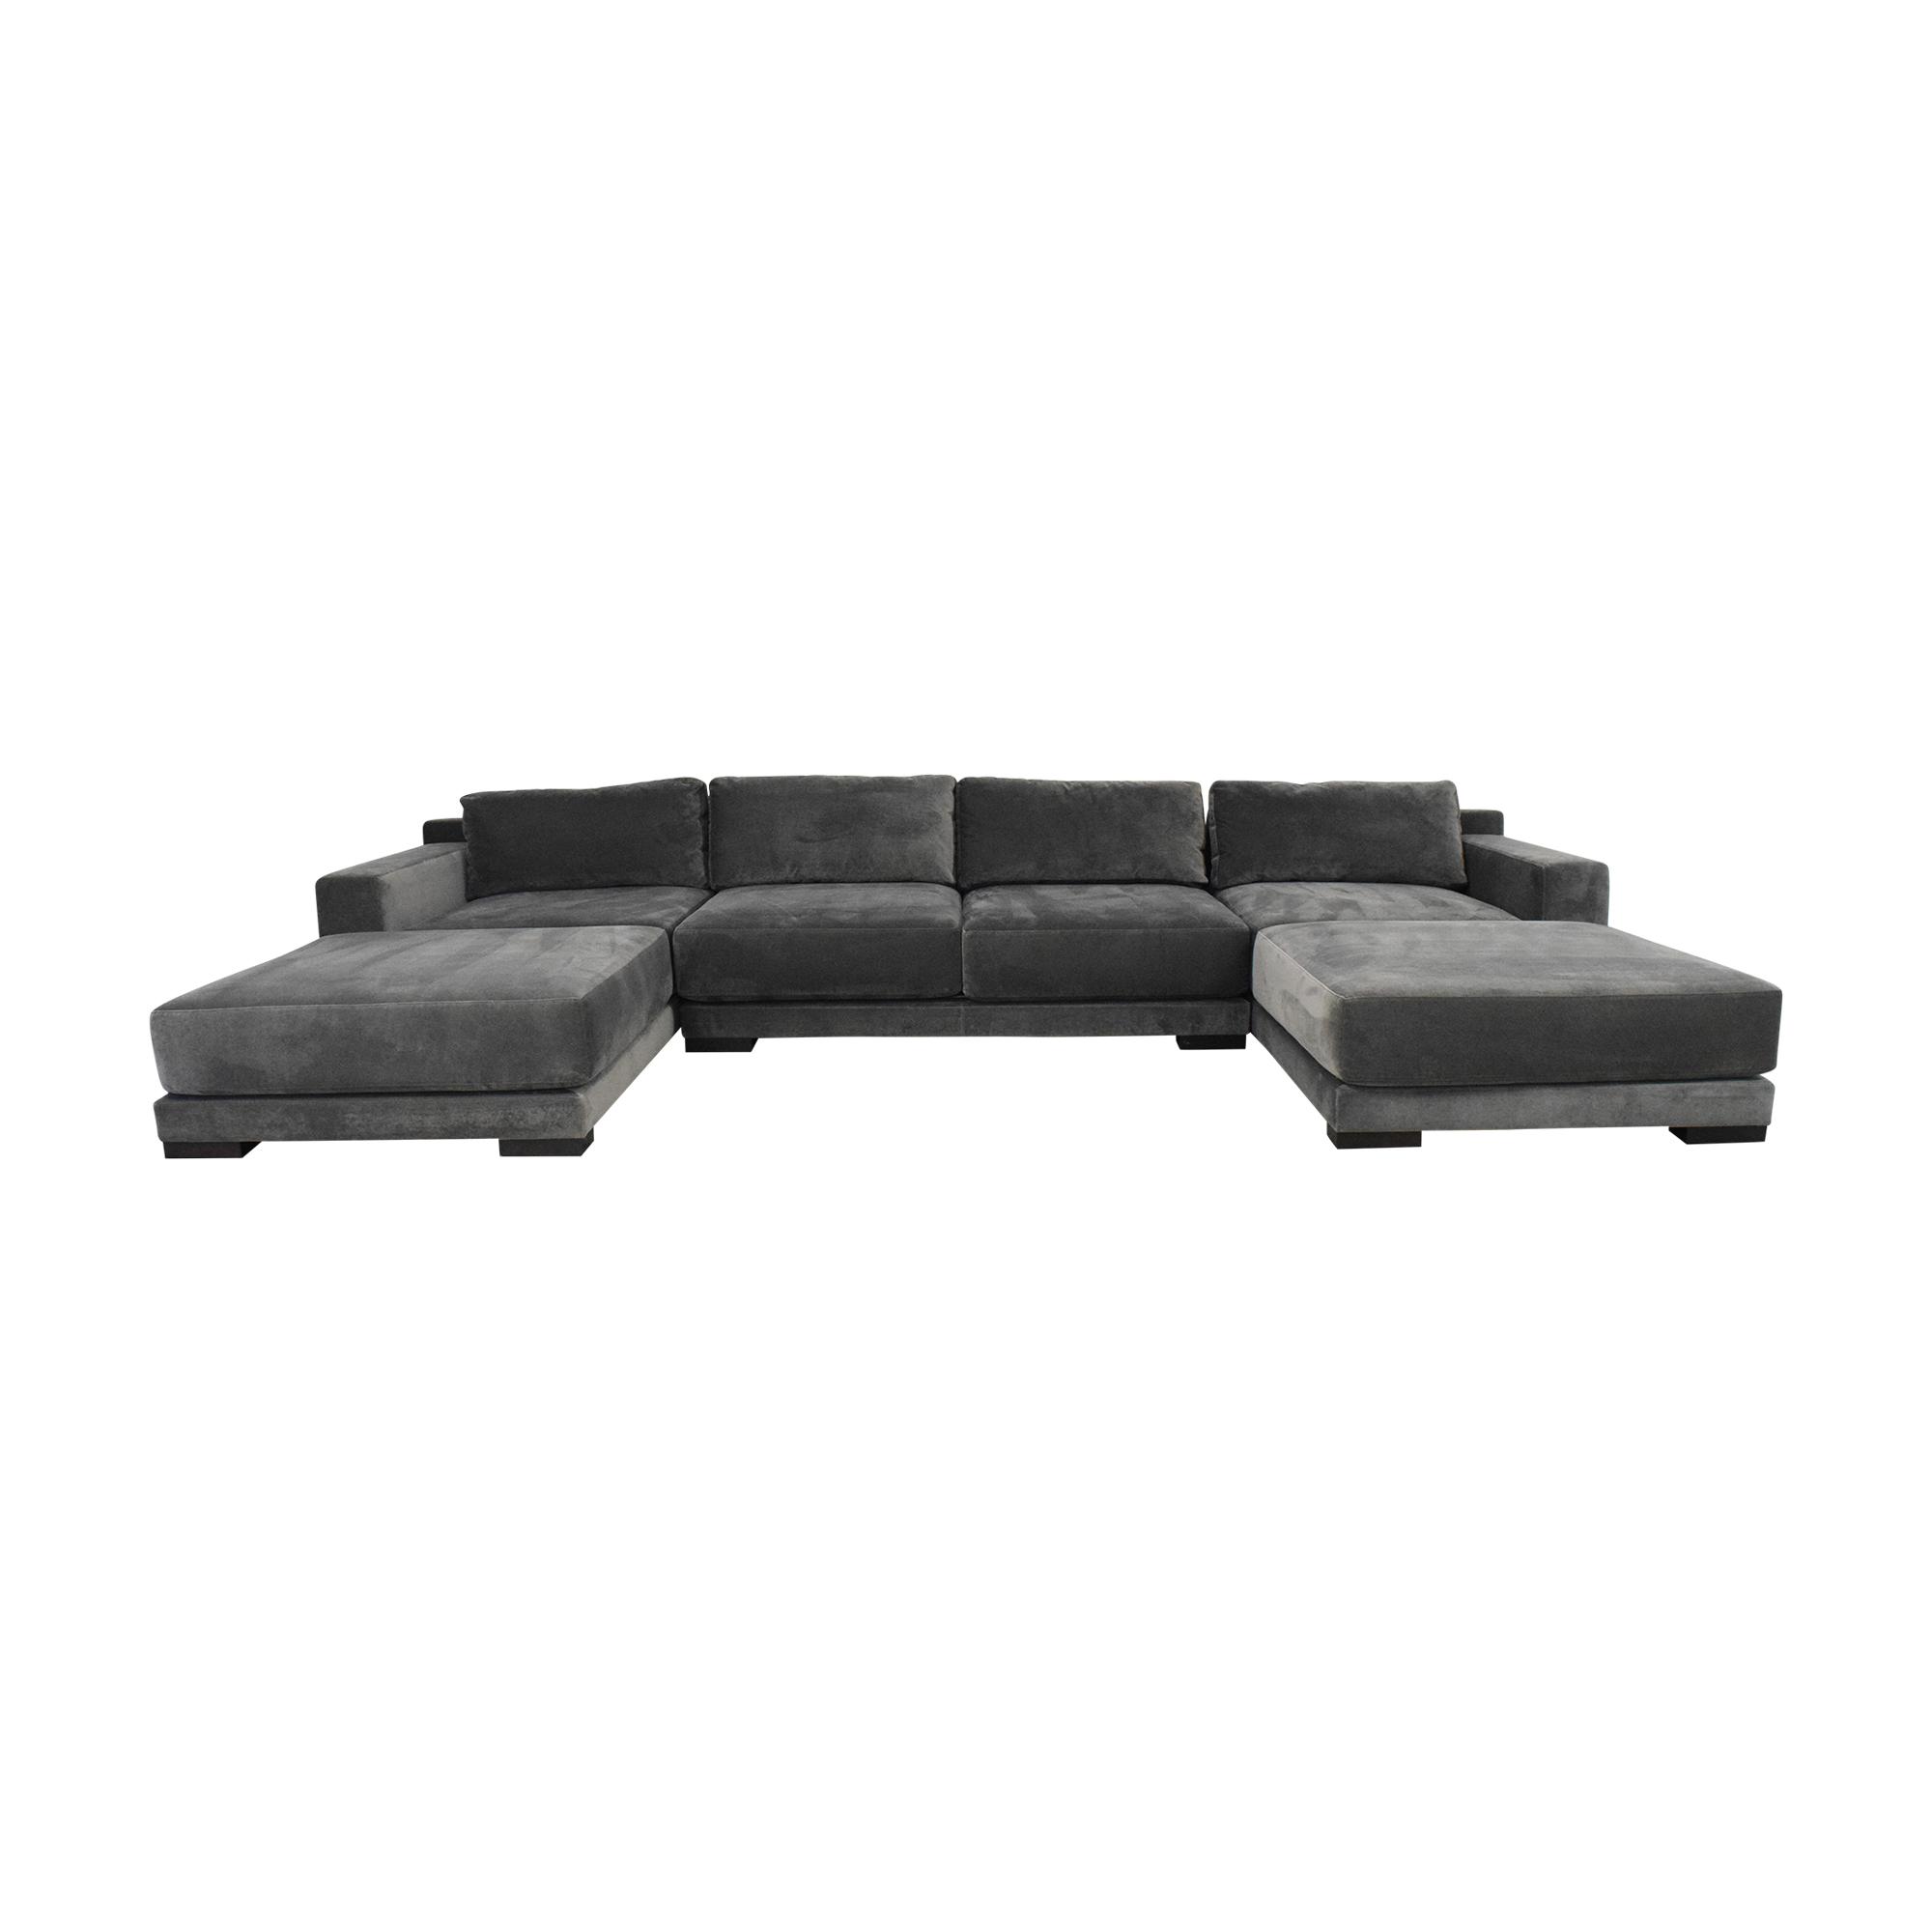 buy Room & Board Mira U Shaped Sectional Sofa Room & Board